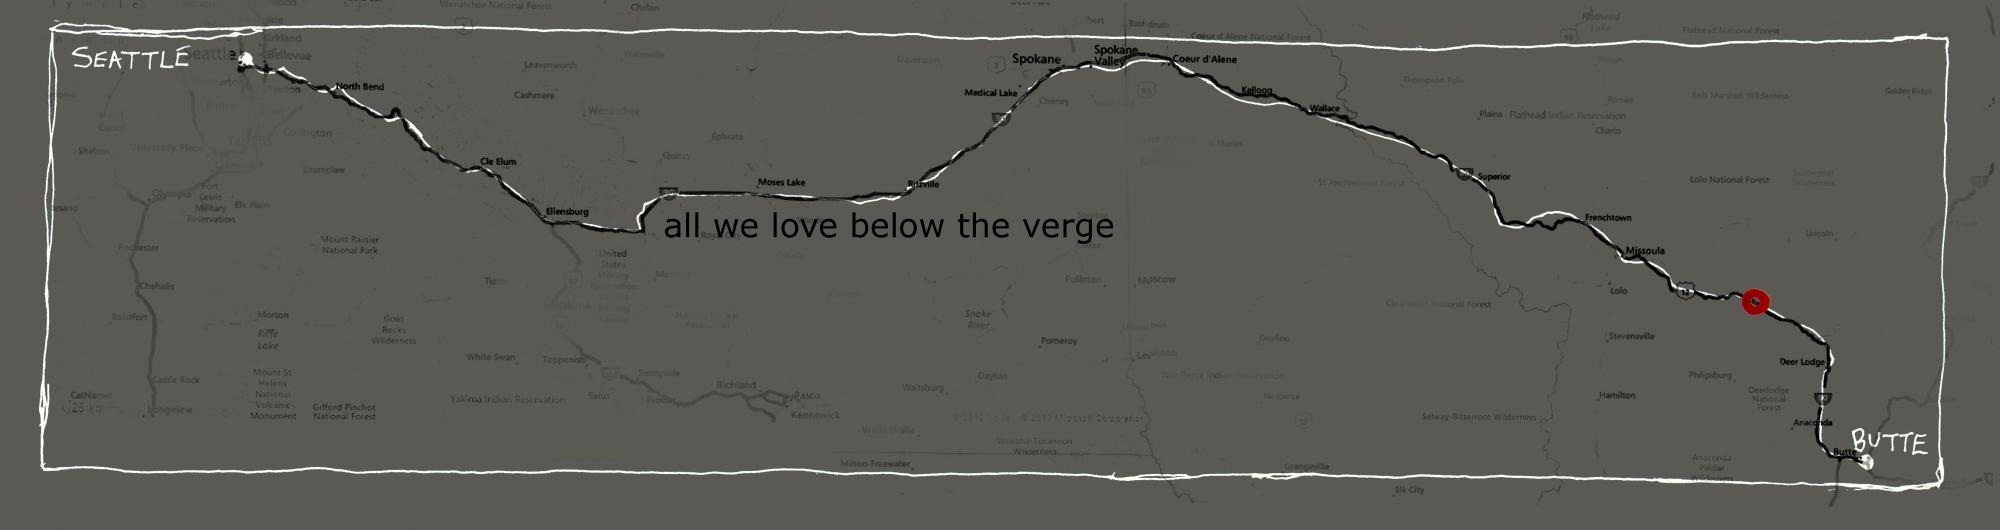 469 map